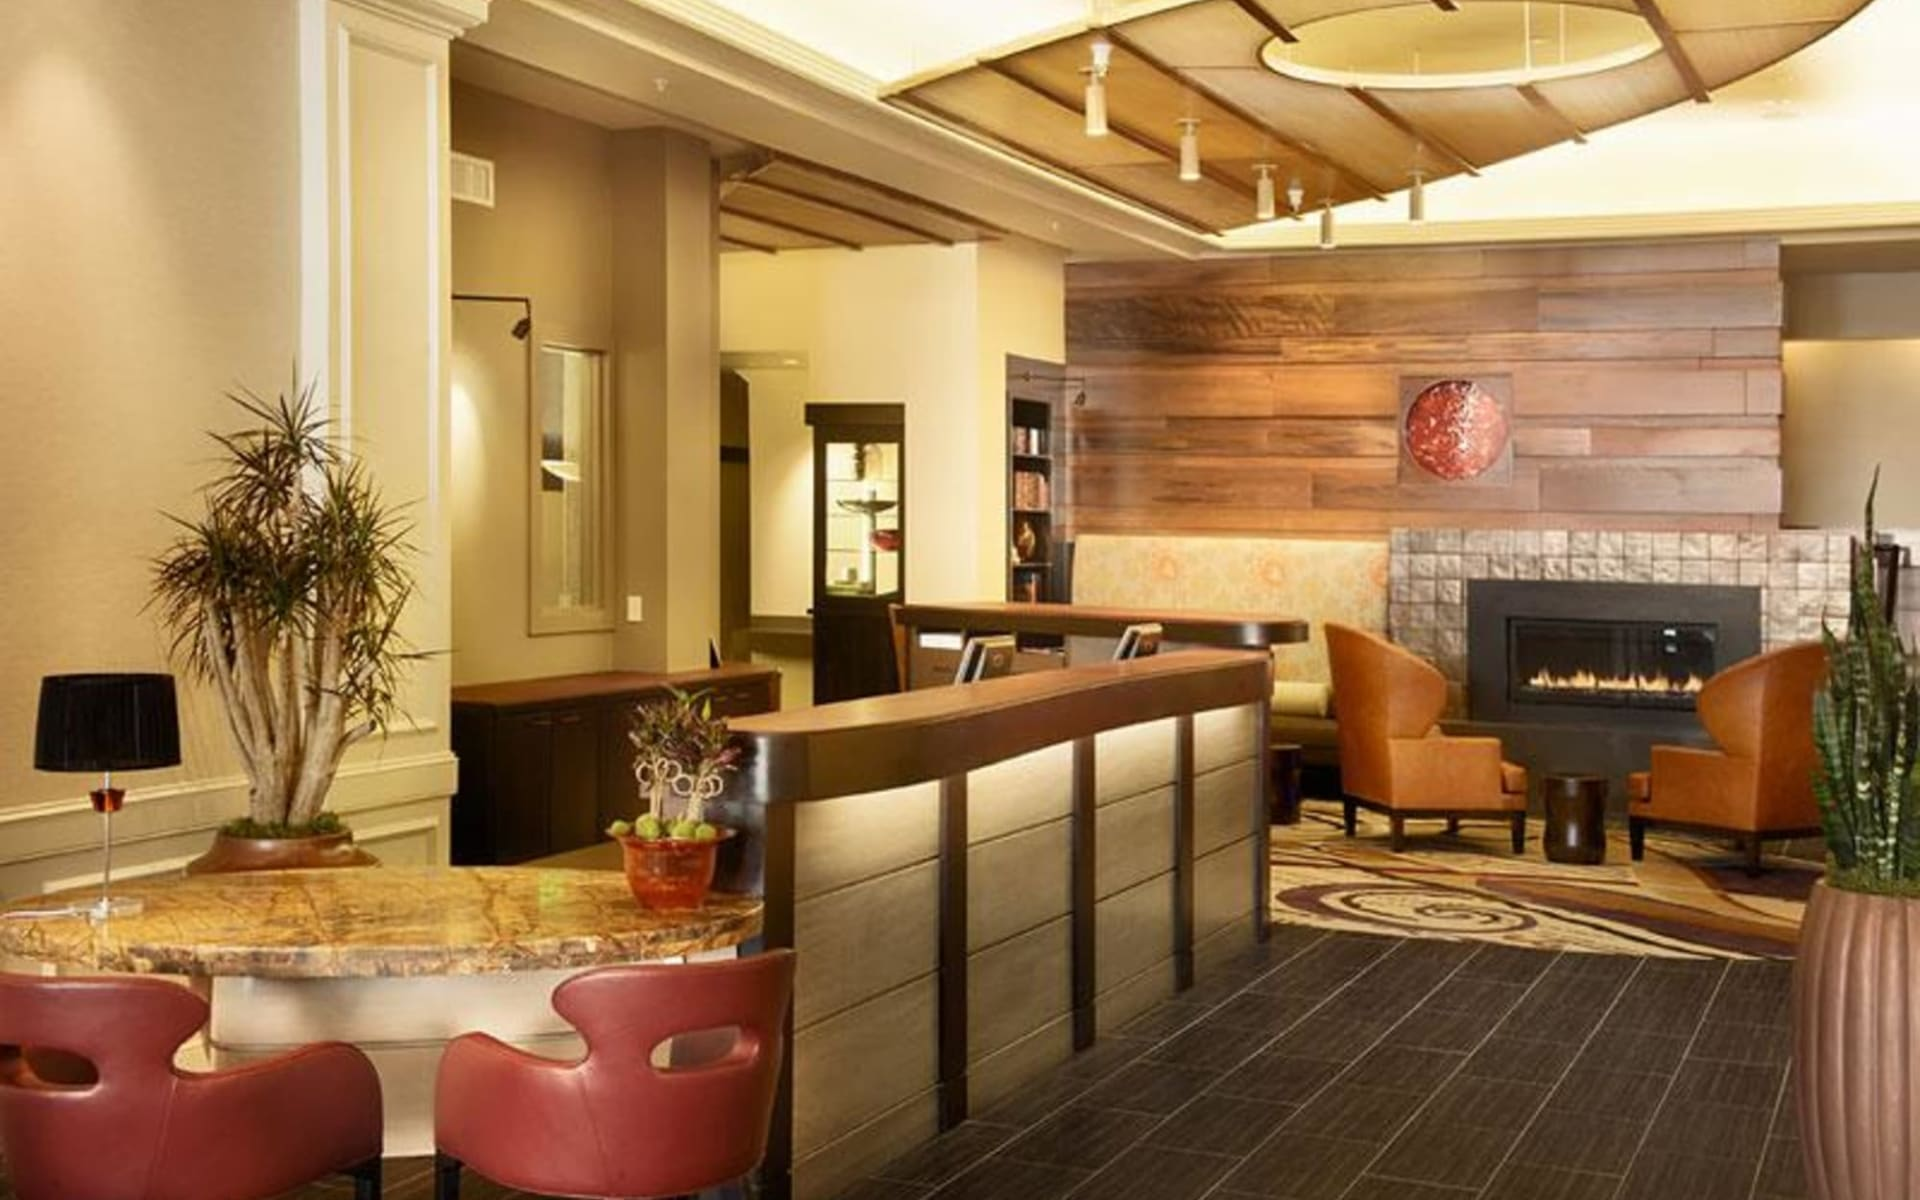 Hotel Abri in San Francisco:  Abri - Lobby